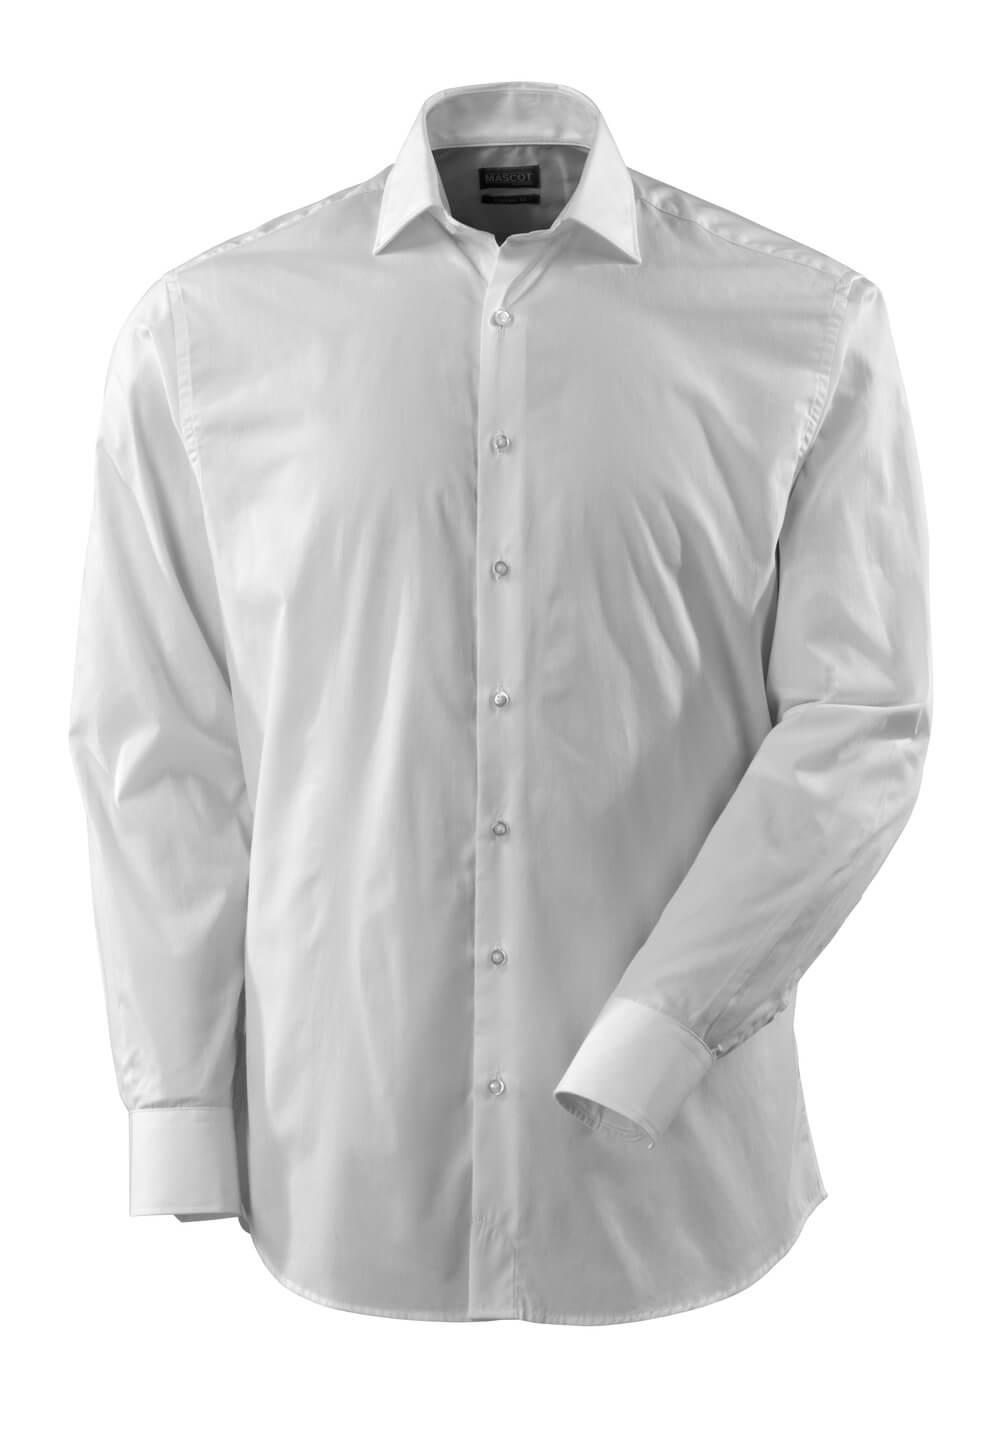 50631-984-06 Hemd - Weiß